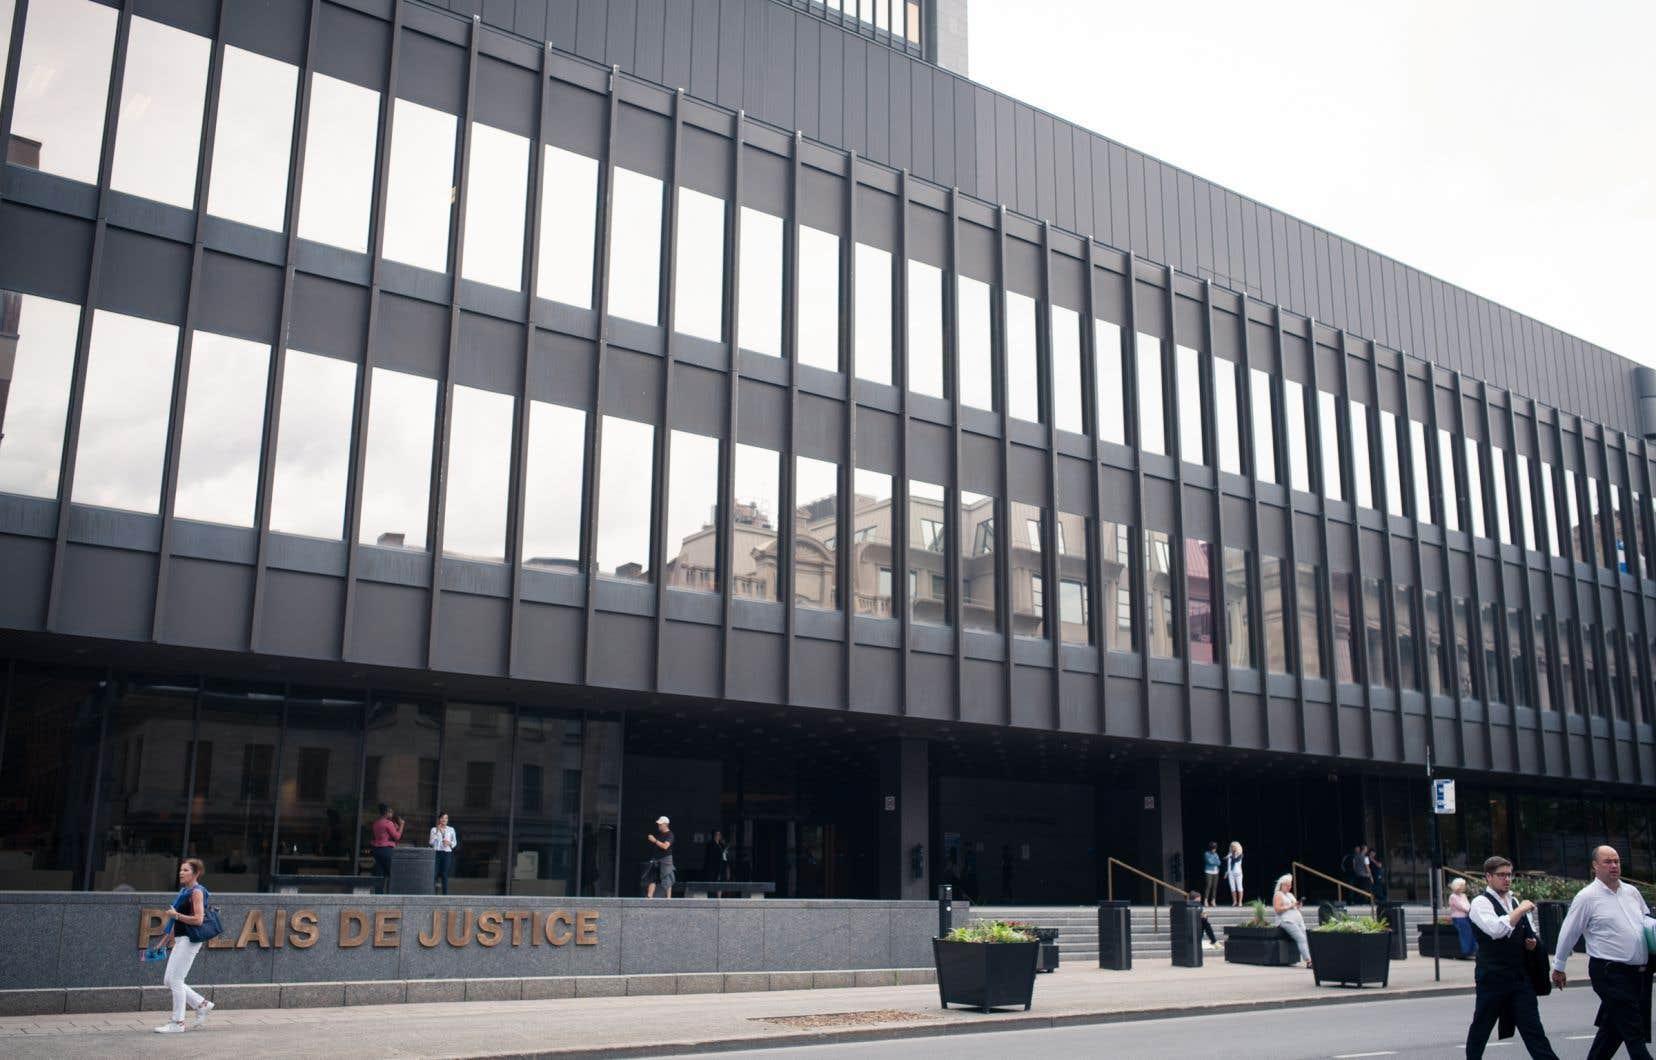 Dans une décision rendue jeudi, la juge Christine Baudouin a refusé la demande de Lisa D'Amico, car elle estime que le véhicule de l'action collective est mal choisi.